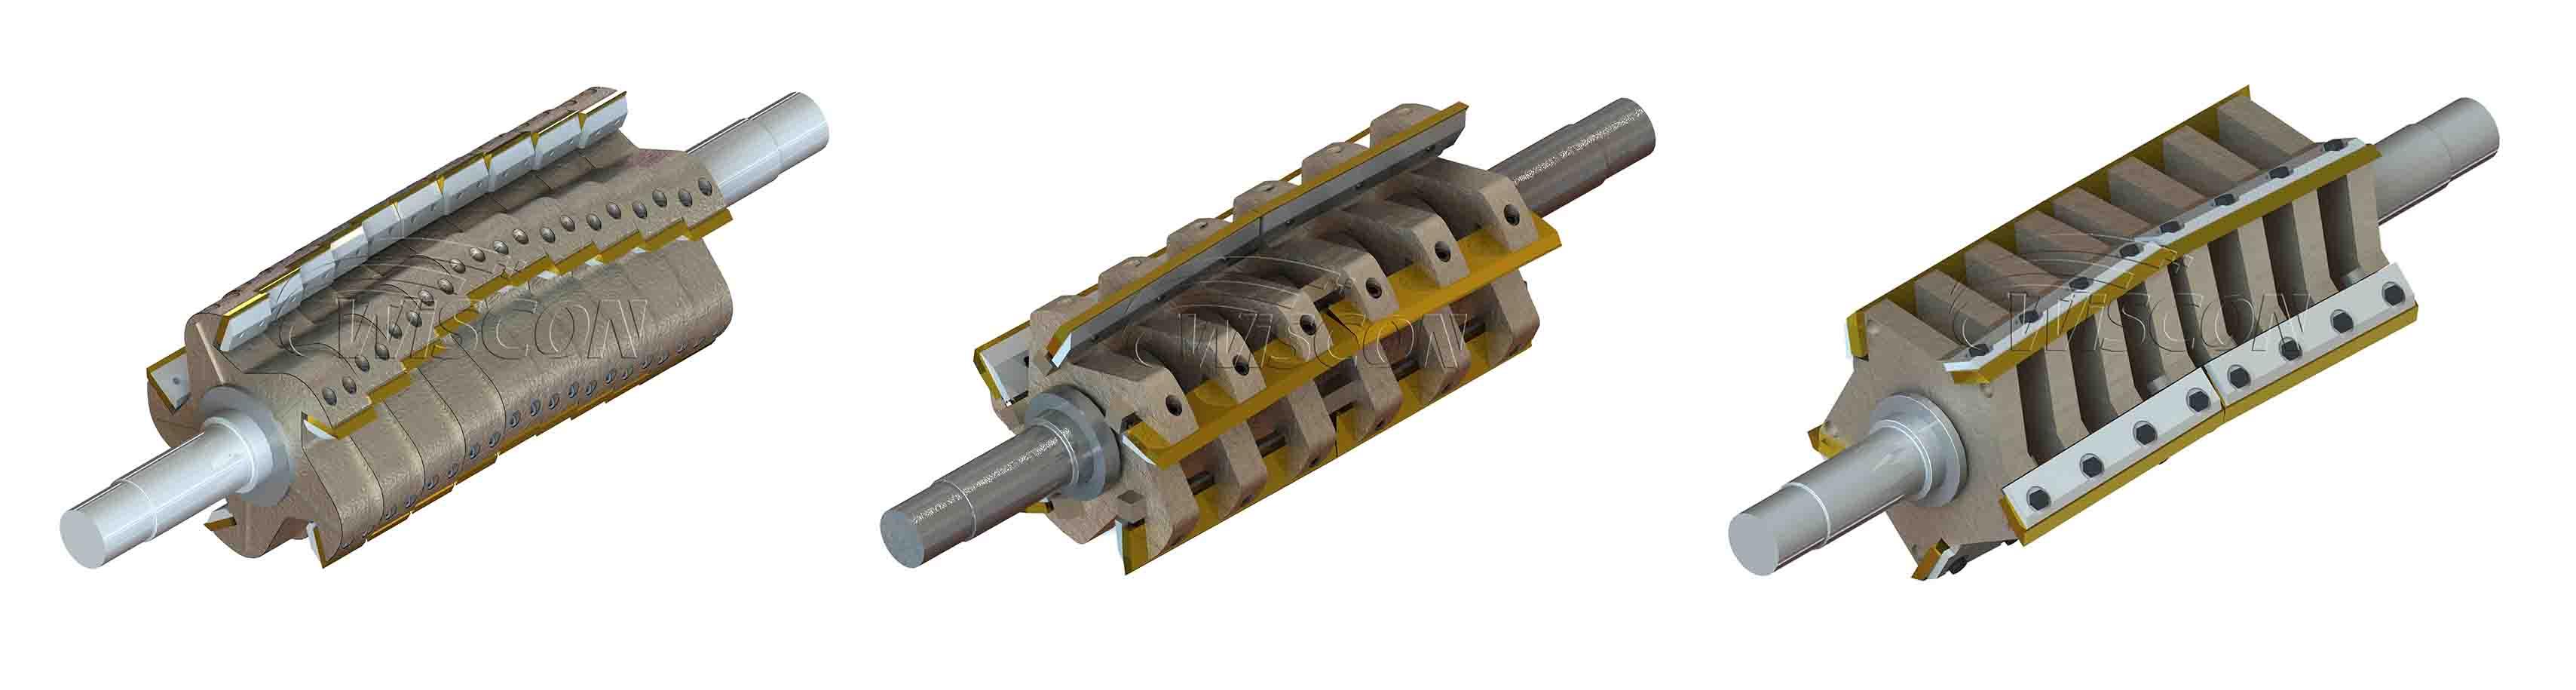 granulator rotor in 3D